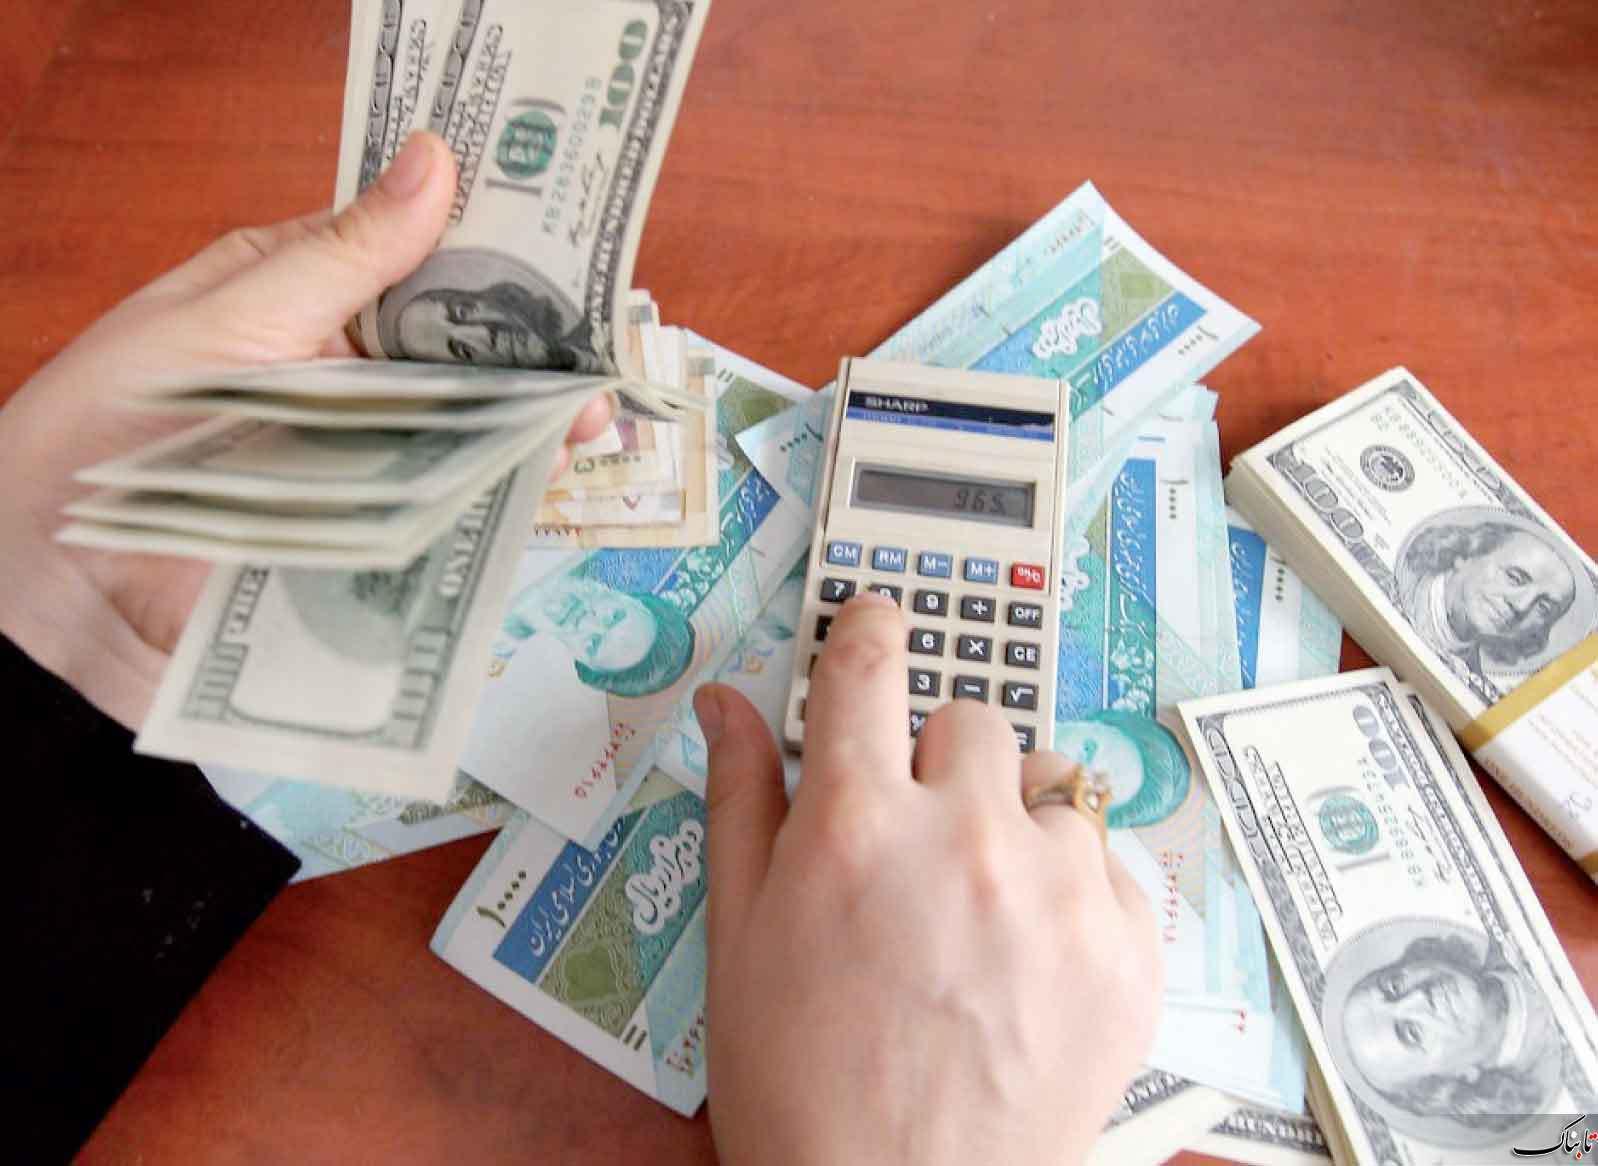 آخرین تغییرات نرخ دلار، یورو و درهم در سامانه سنا و بازار آزاد؛ سه شنبه ۱۷ بهمن ماه ۹۶